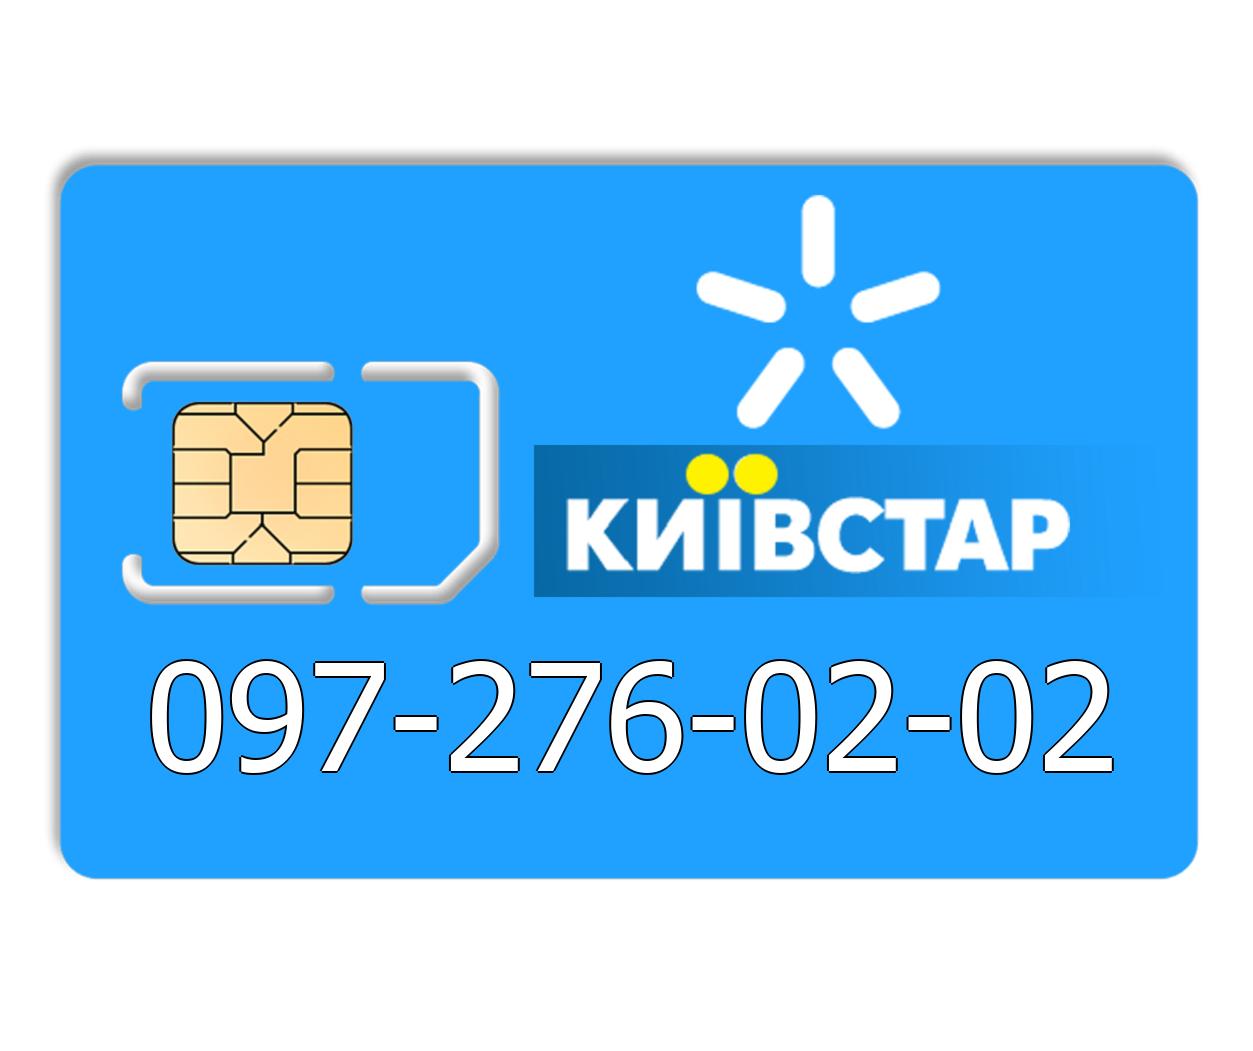 Красивый номер Киевстар 097-276-02-02